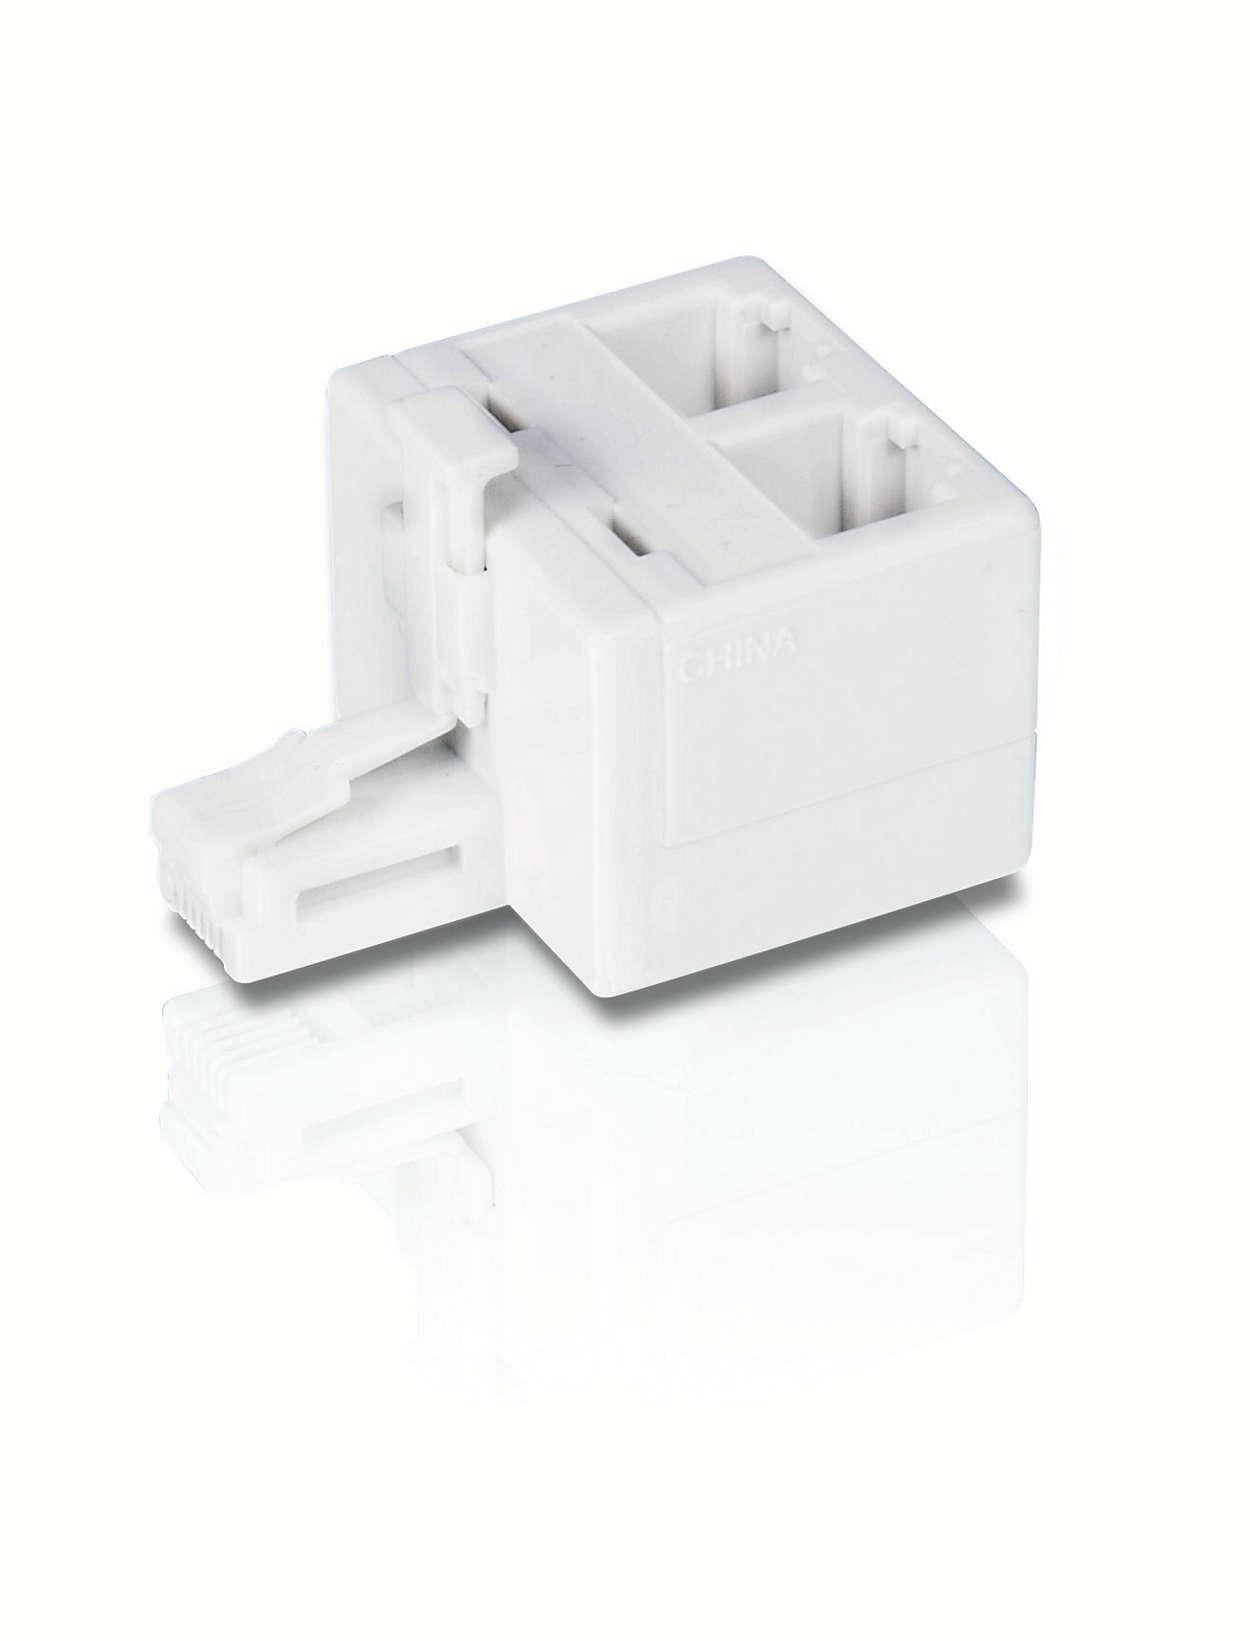 Diseño para ahorrar espacio